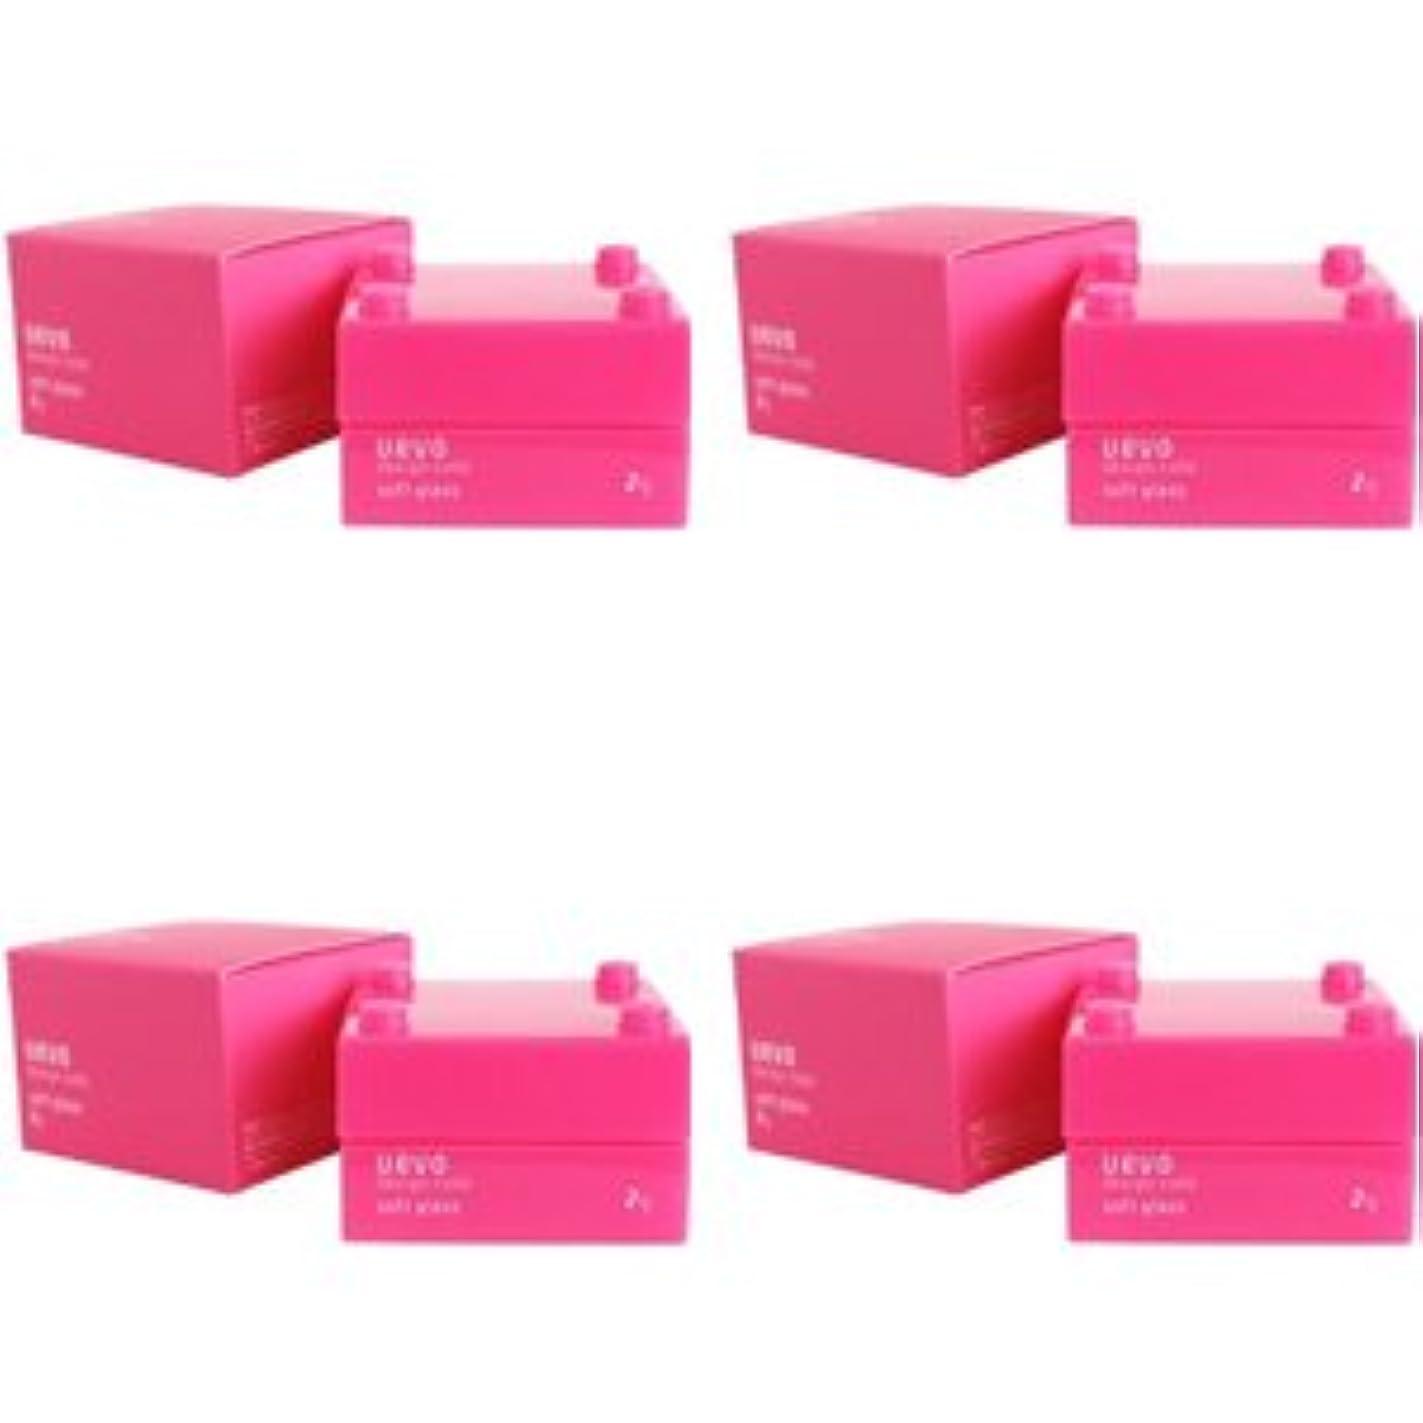 リビングルーム公平な類推【X4個セット】 デミ ウェーボ デザインキューブ ソフトグロス 30g soft gloss DEMI uevo design cube